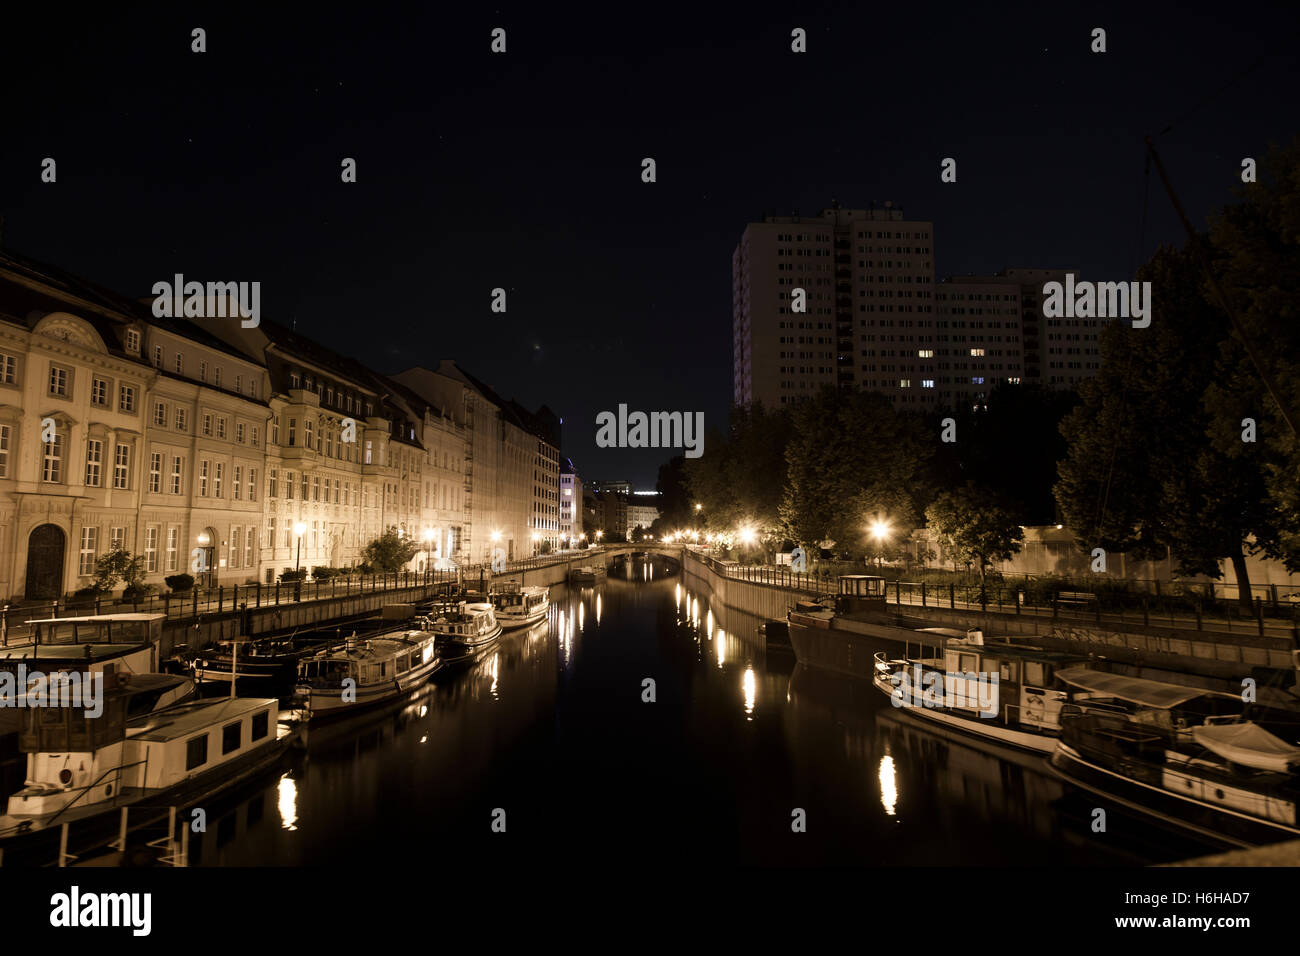 BERLIN - Juni 18: Night Time-Ansicht eines Flusses in Berlin, Deutschland am 18. Juni 2012 Stockbild